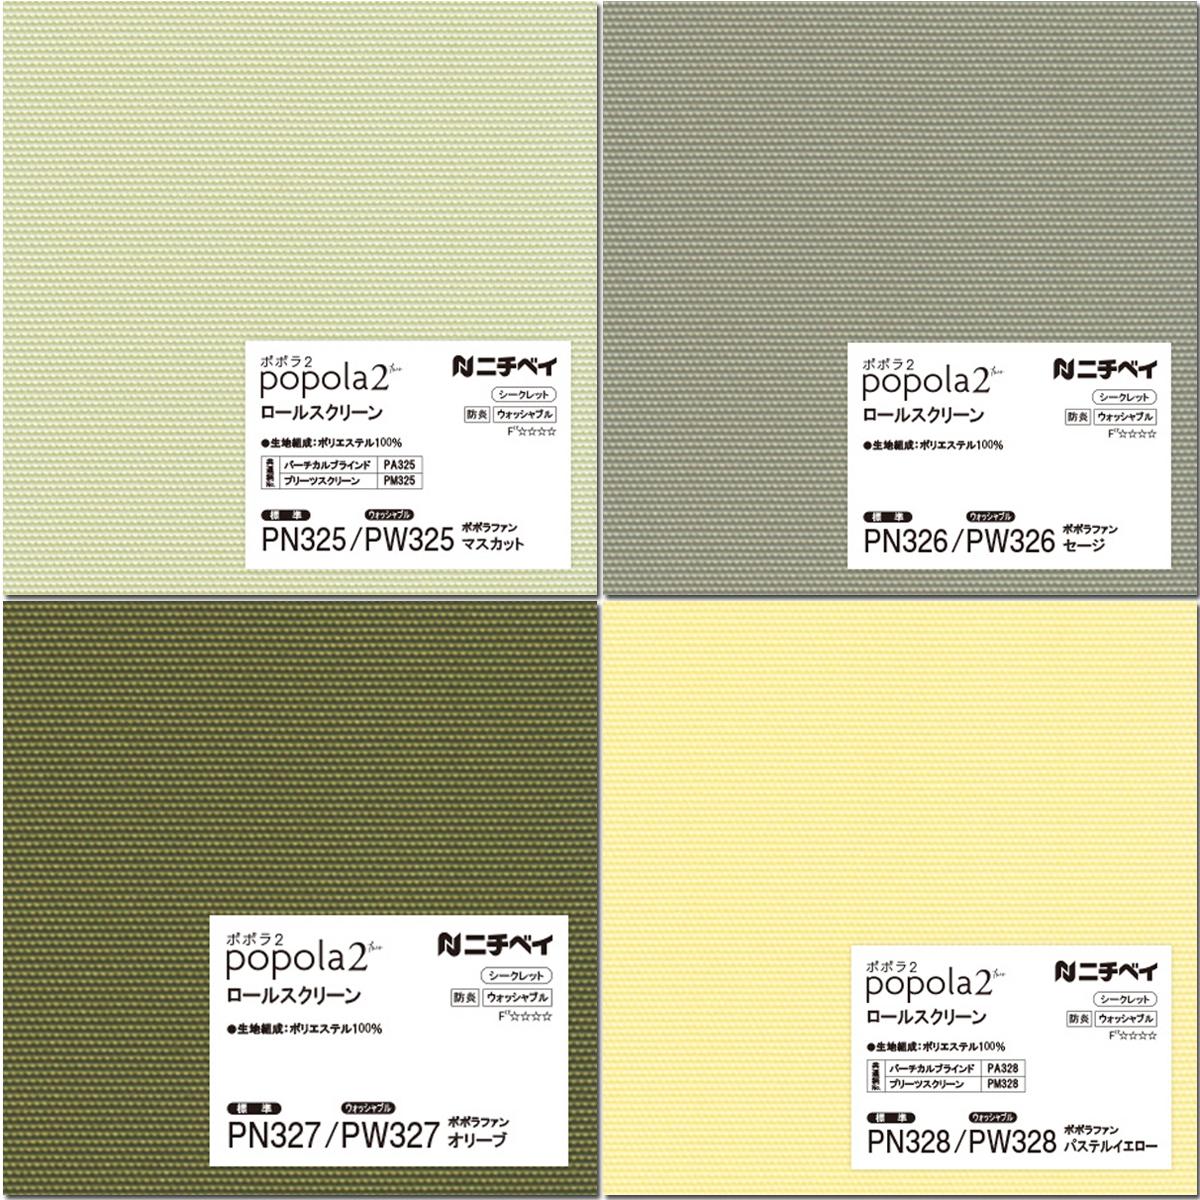 【ニチベイ】ロールスクリーン ポポラ2 ポポラファン 30色 ダブルタイプもあり ロールカーテン オーダーサイズ_画像9